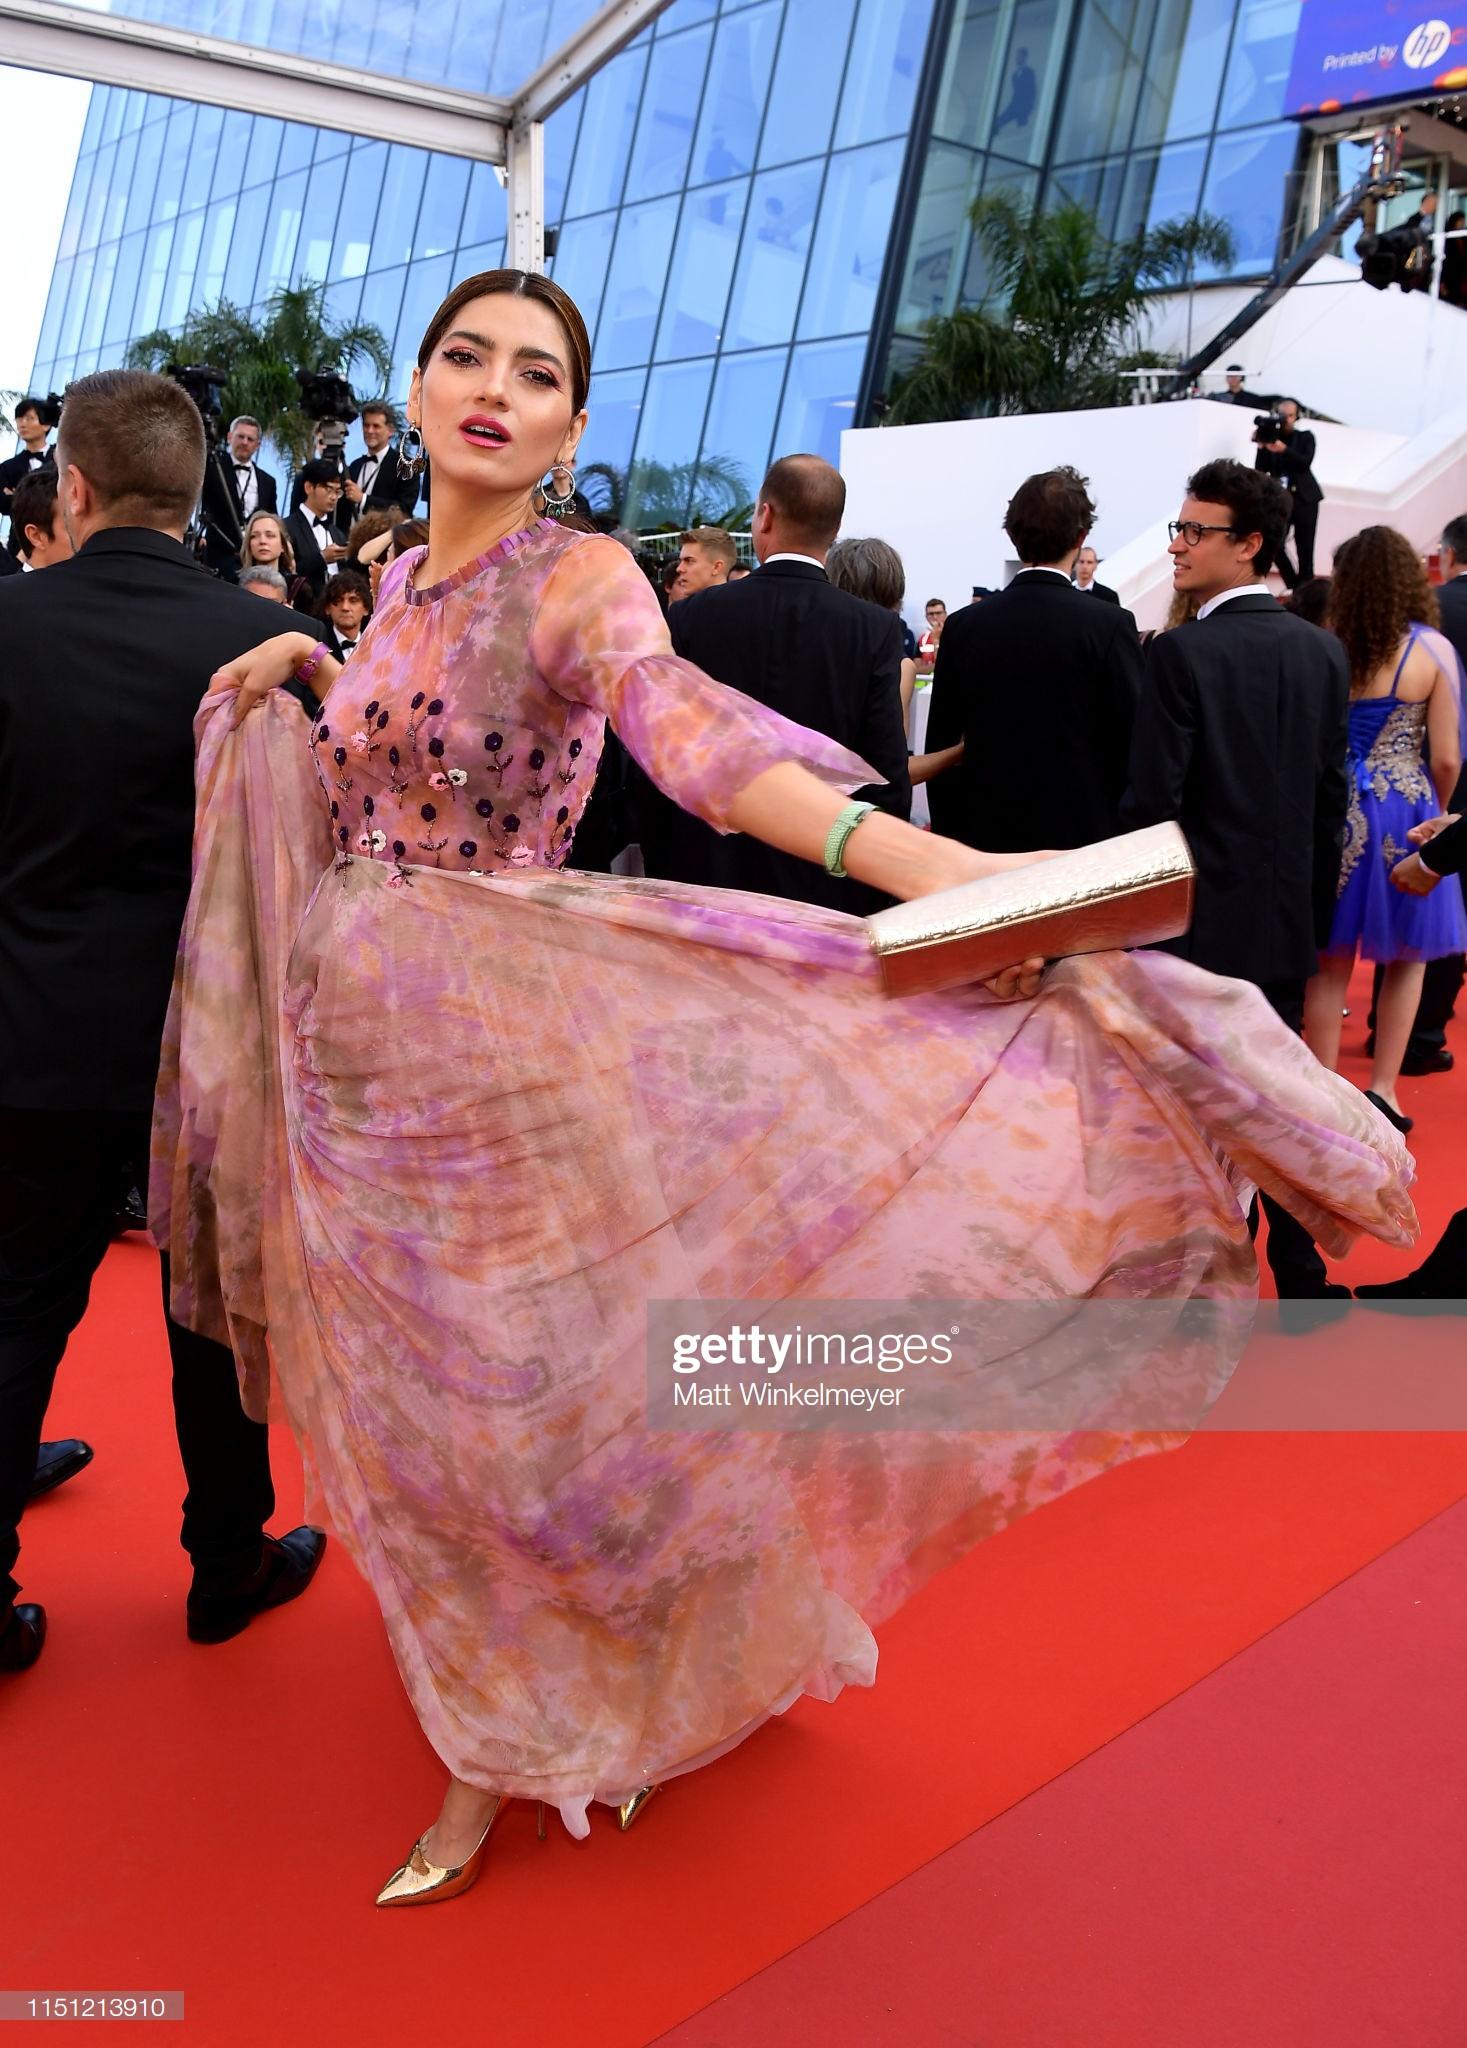 Thảm đỏ Cannes ngày 10: Các người đẹp thả rông ngực, cố tình làm trò lố vẫn bị truyền thông ngó lơ - Ảnh 17.